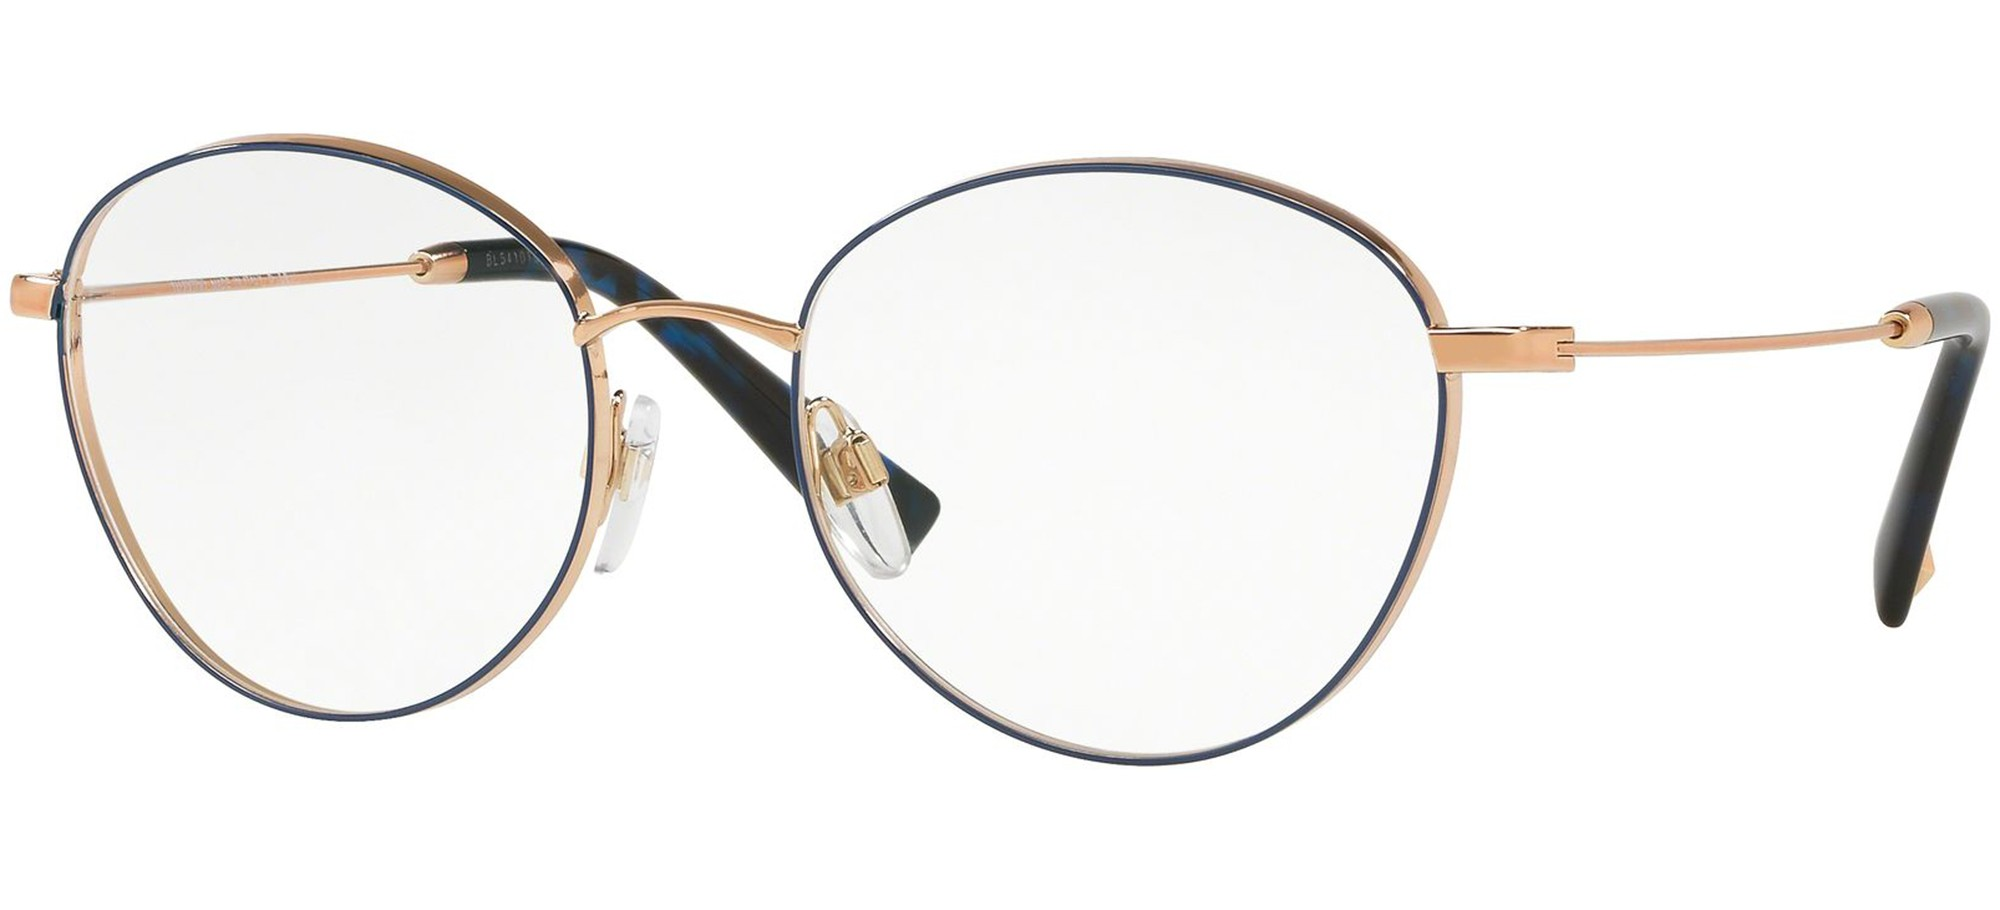 Valentino eyeglasses VA 1003